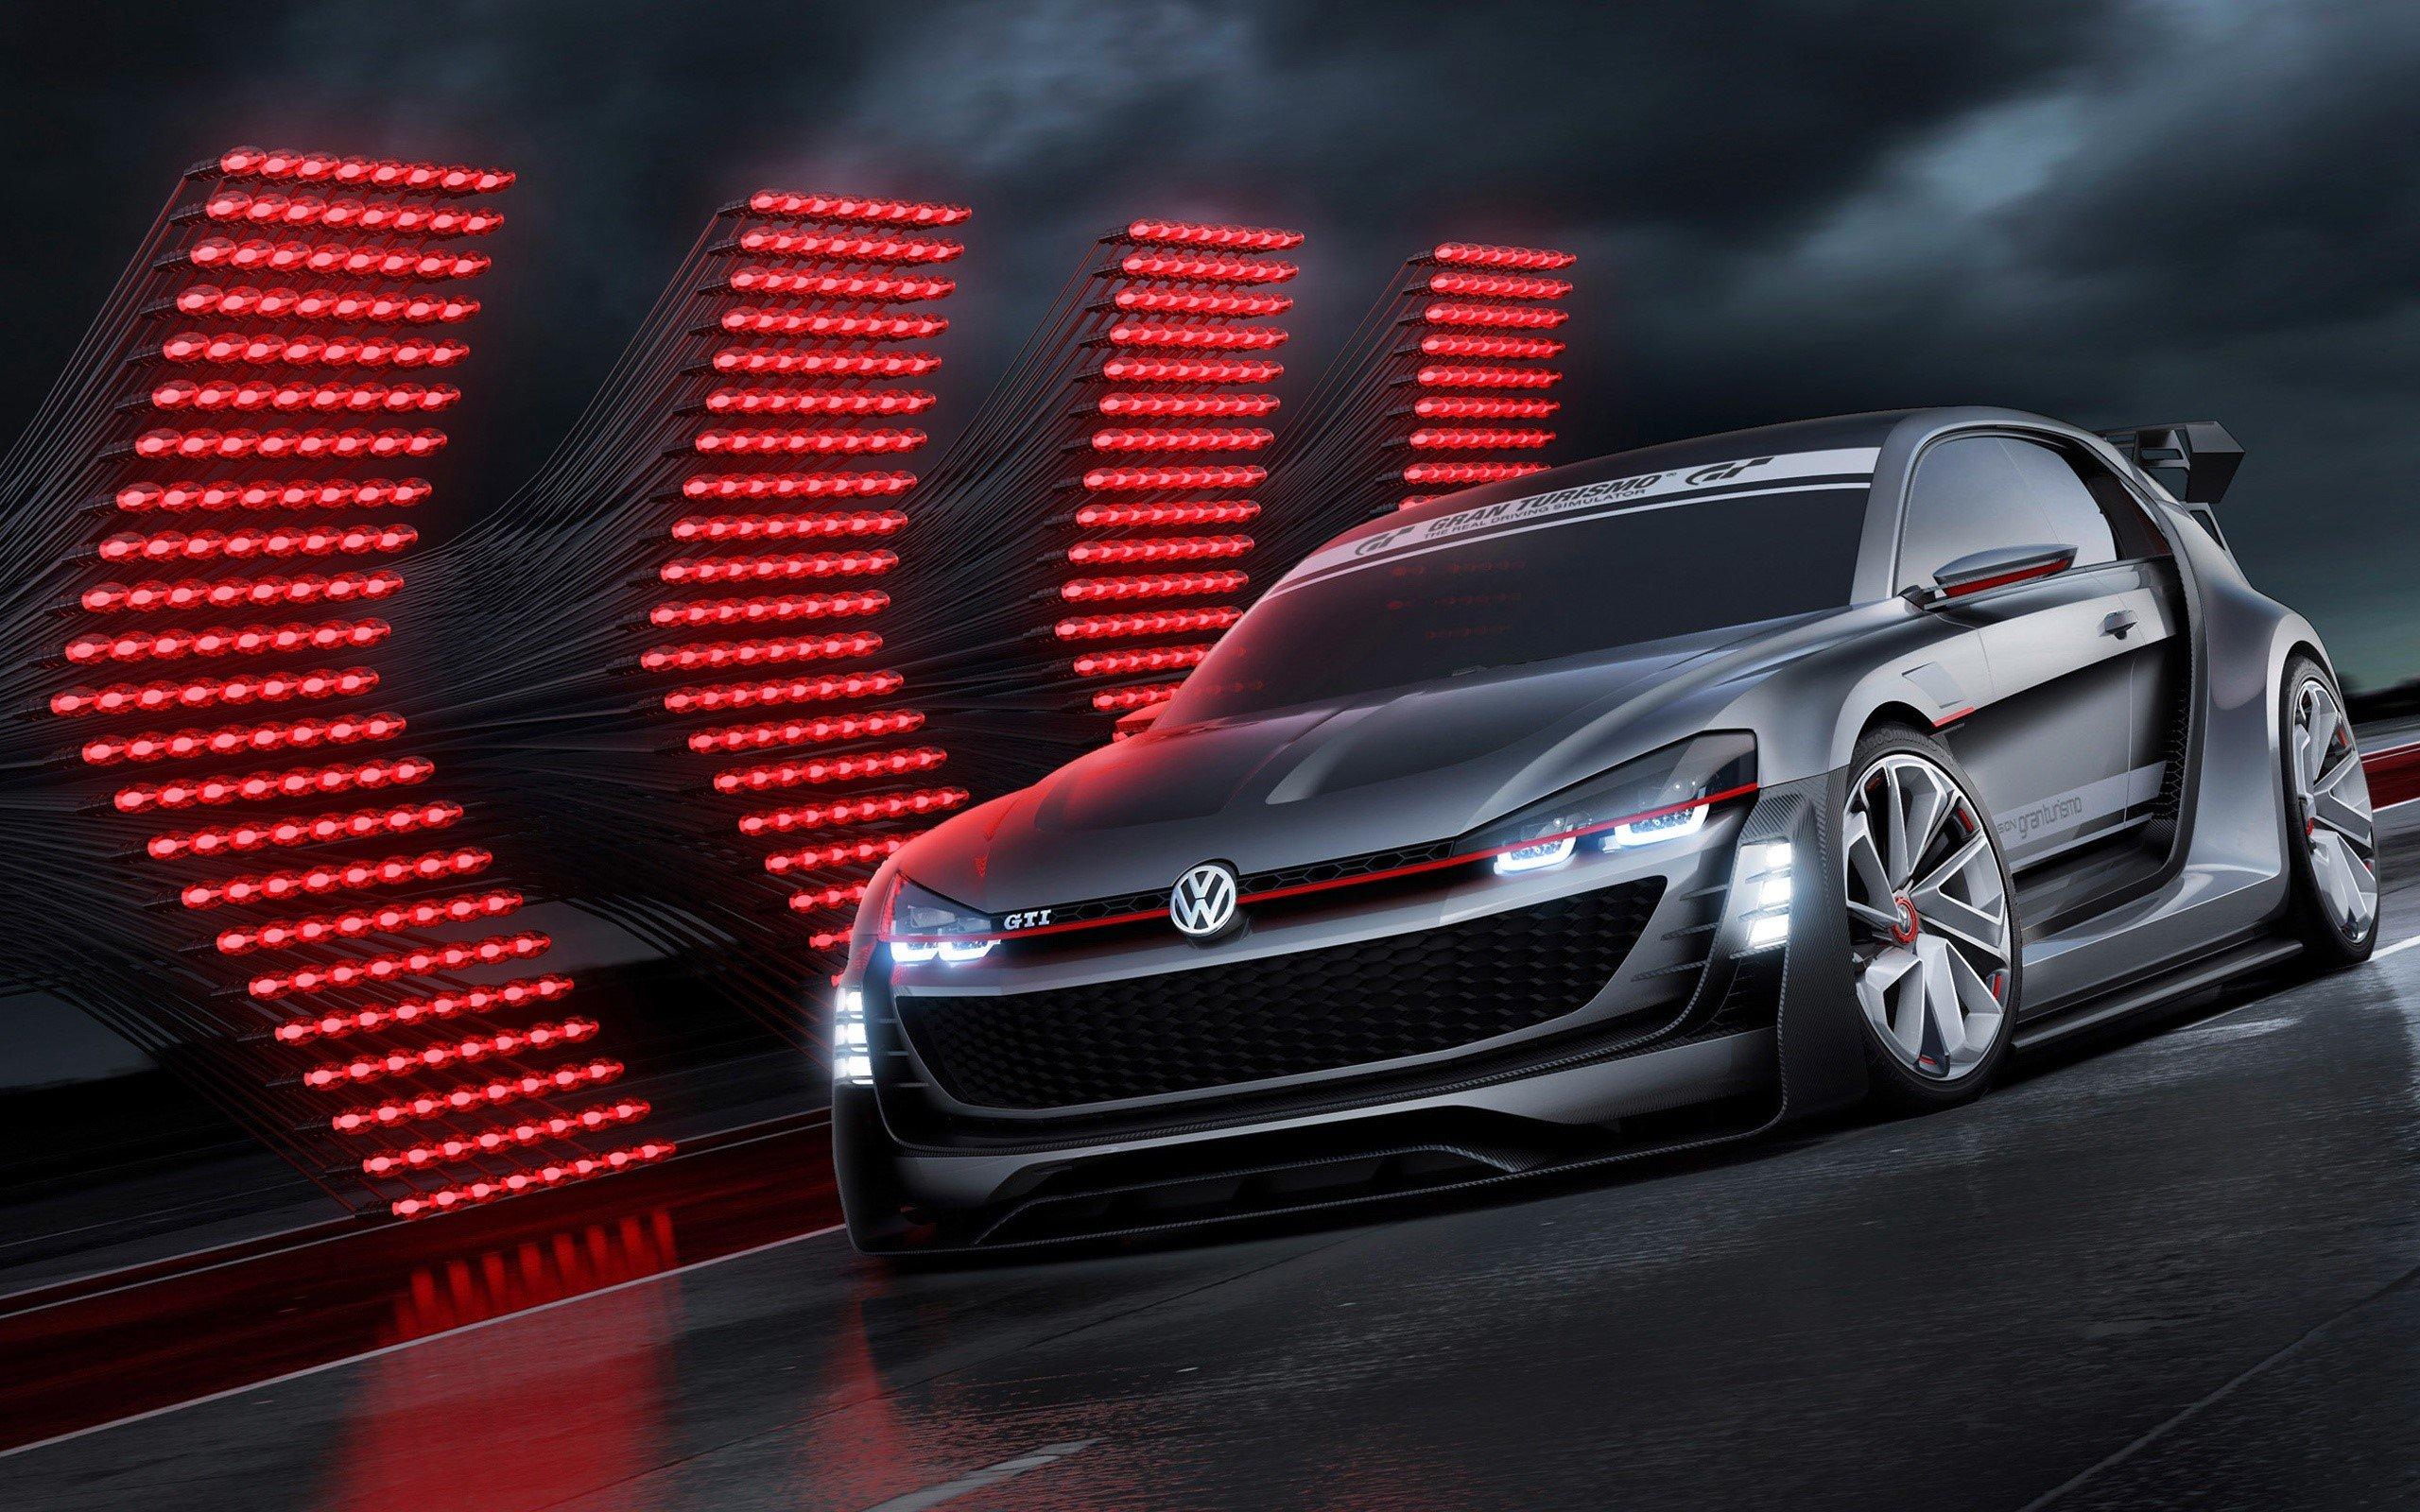 Fondos de pantalla Volkswagen GTI Supersport Vision Gran Turismo